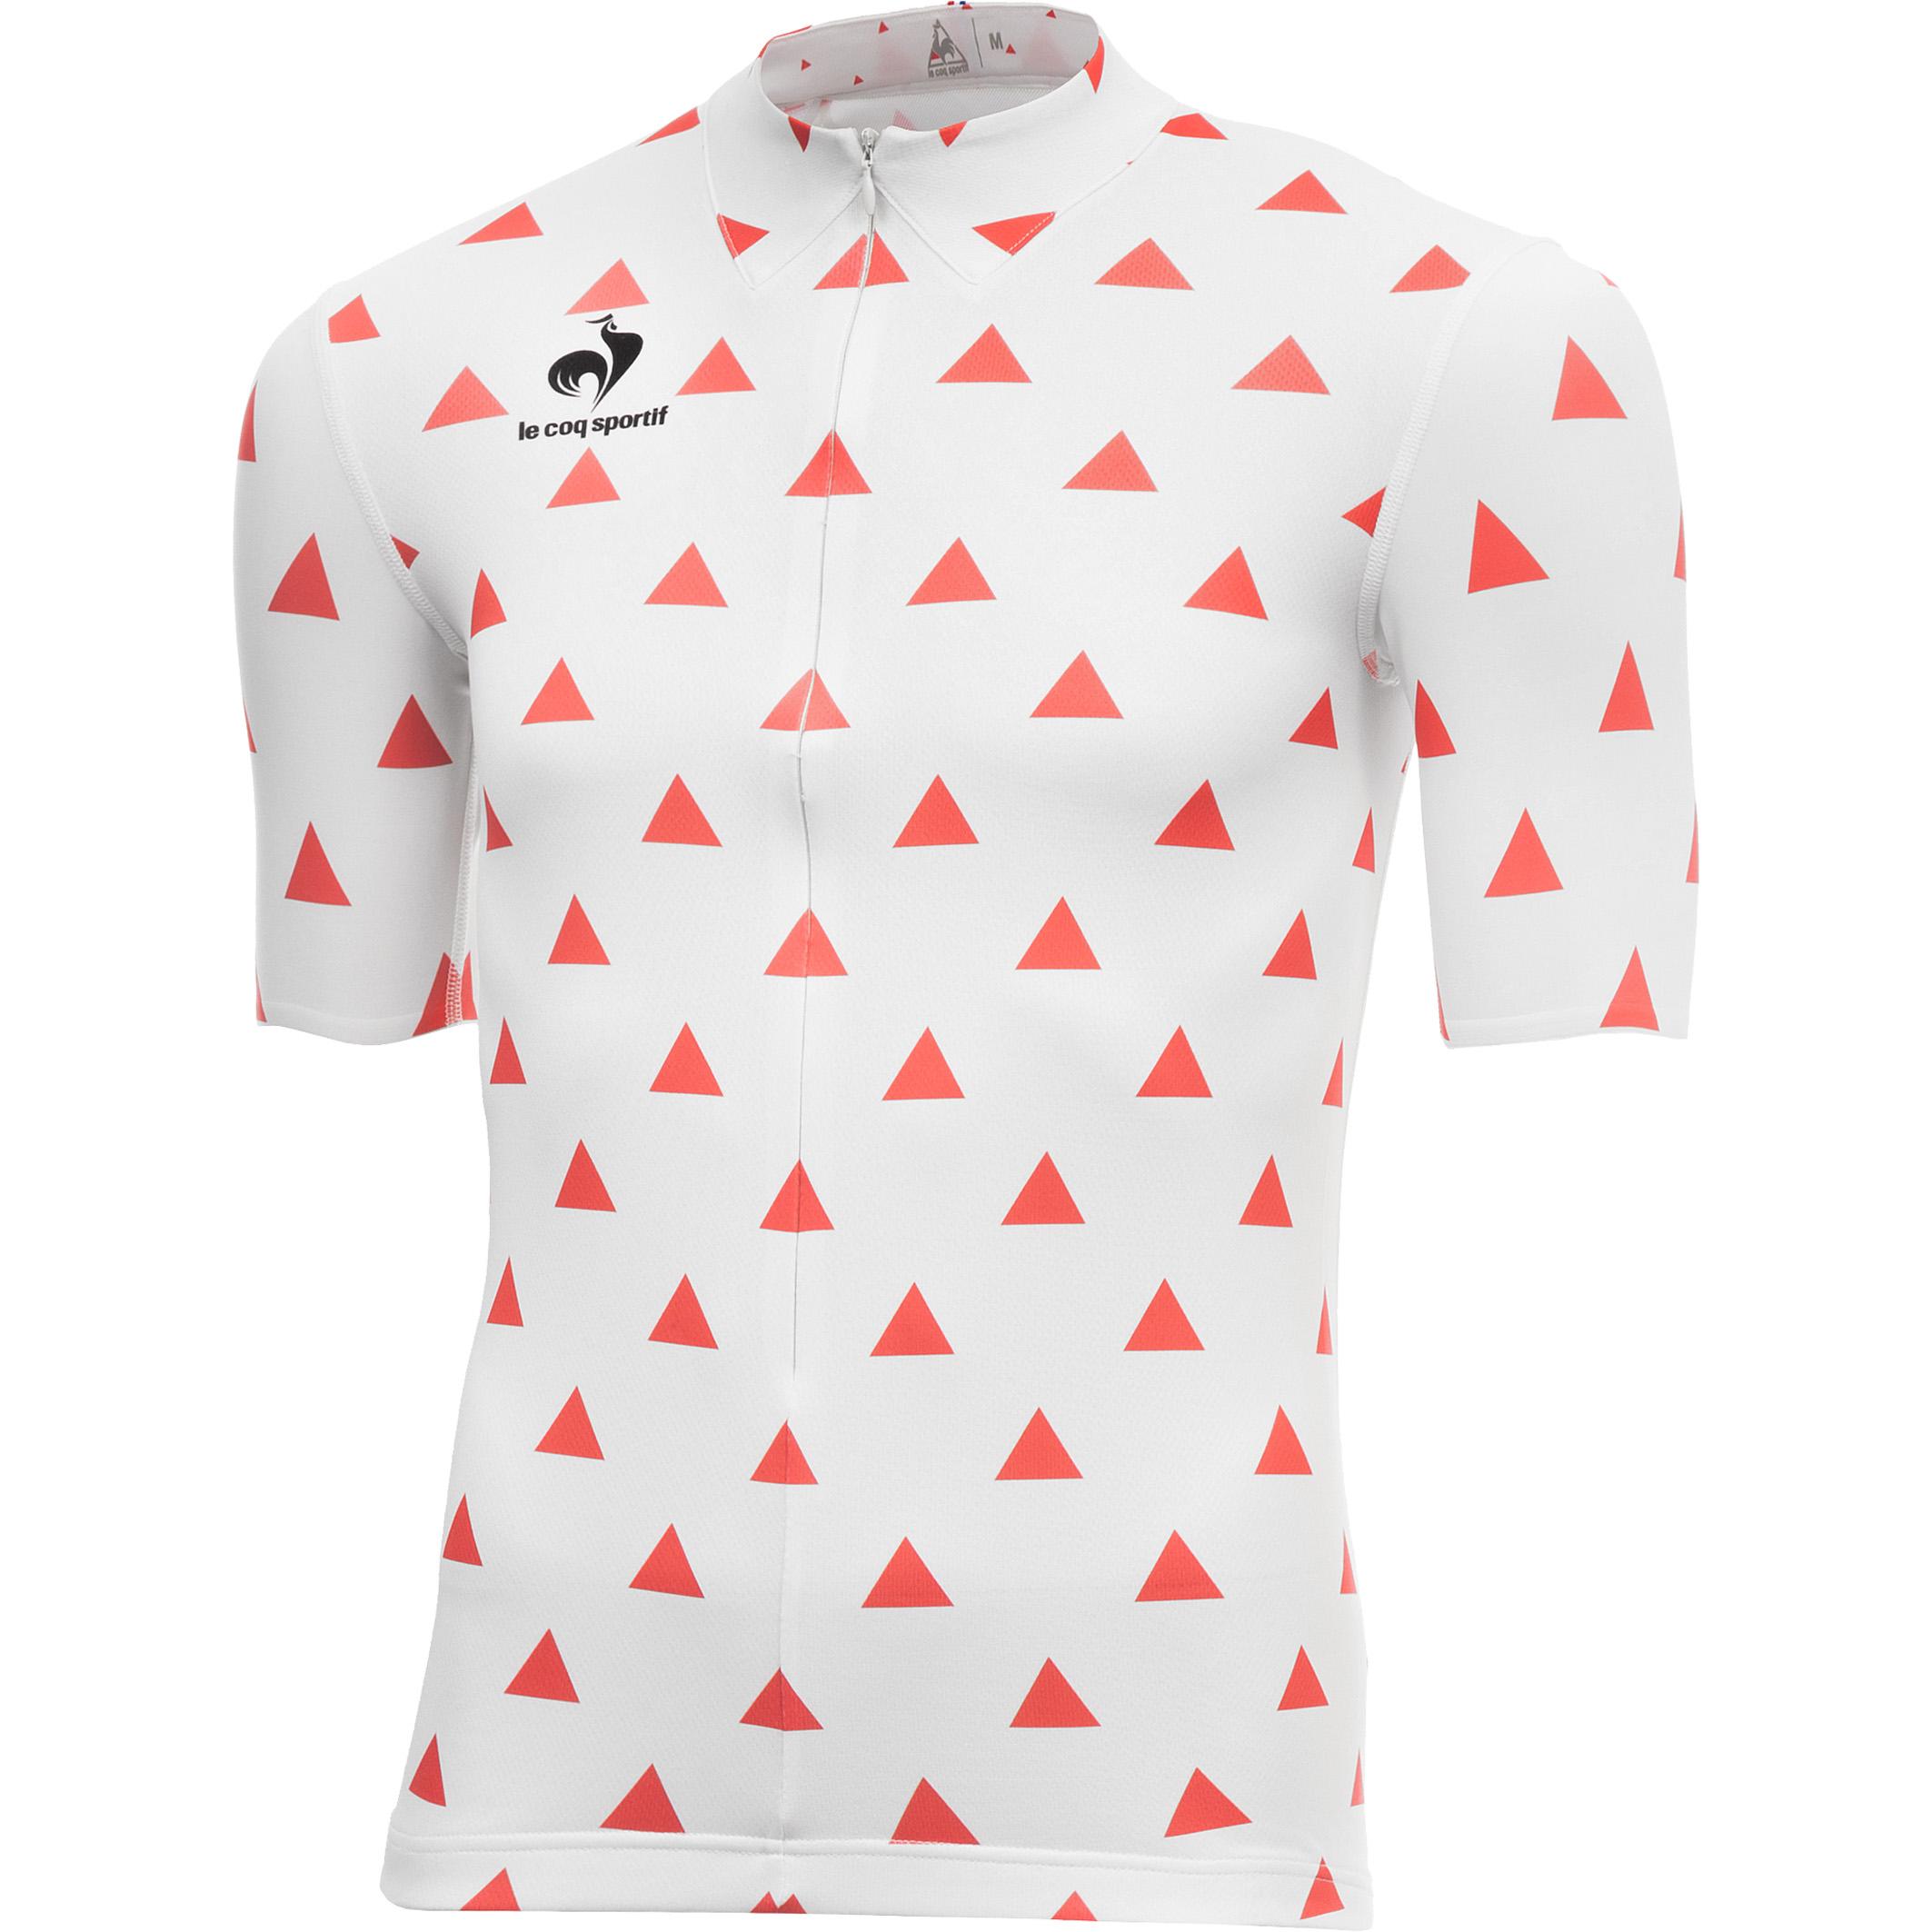 LECOQSPORTIF jersey arac fantaisie troi LUOMO COL MARTELLO   Tour de France con Le Coq Sportif